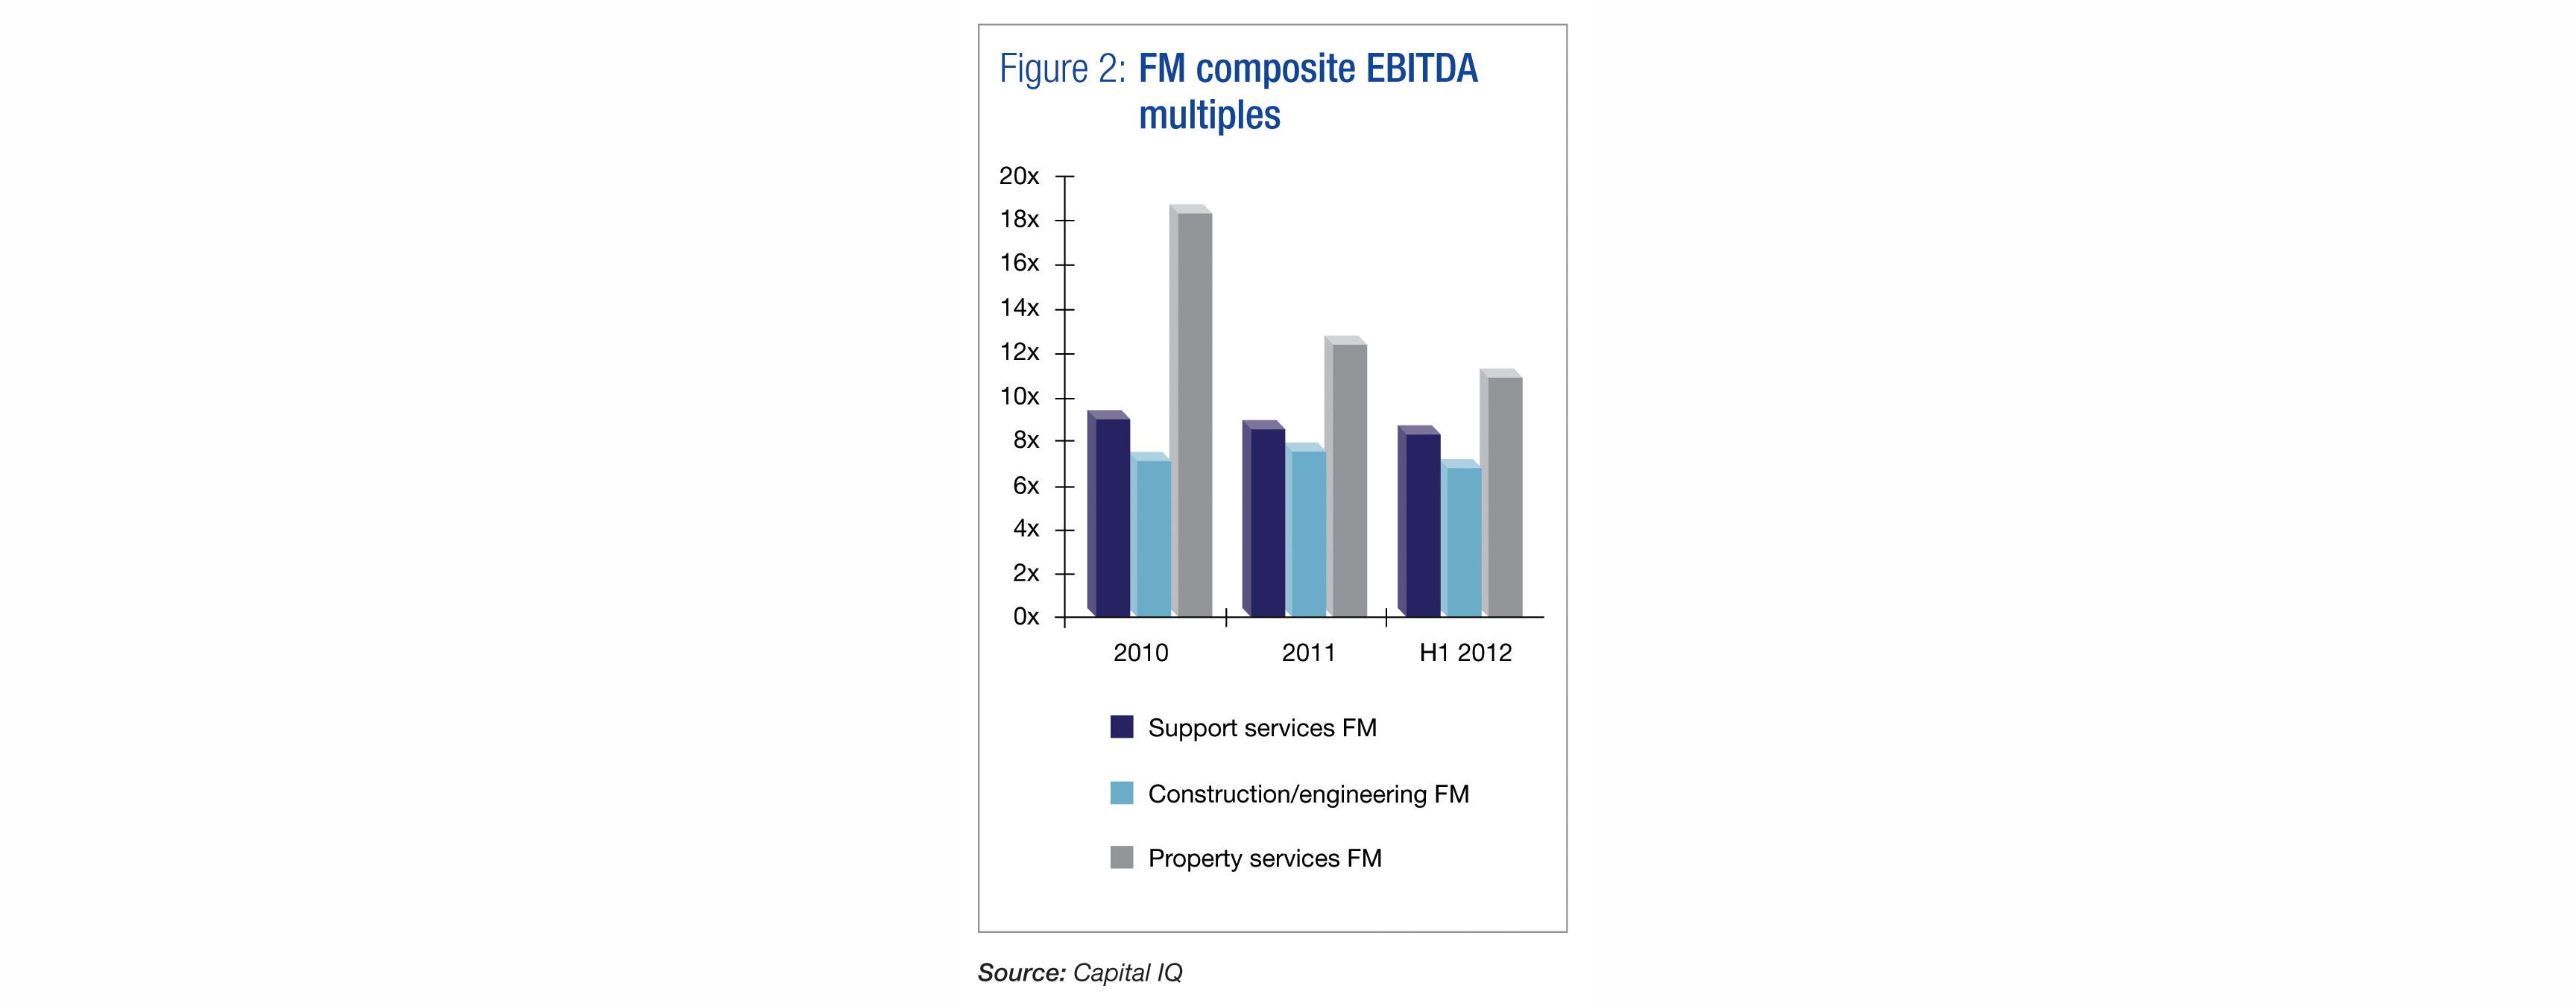 FM composite EBITDA multiples